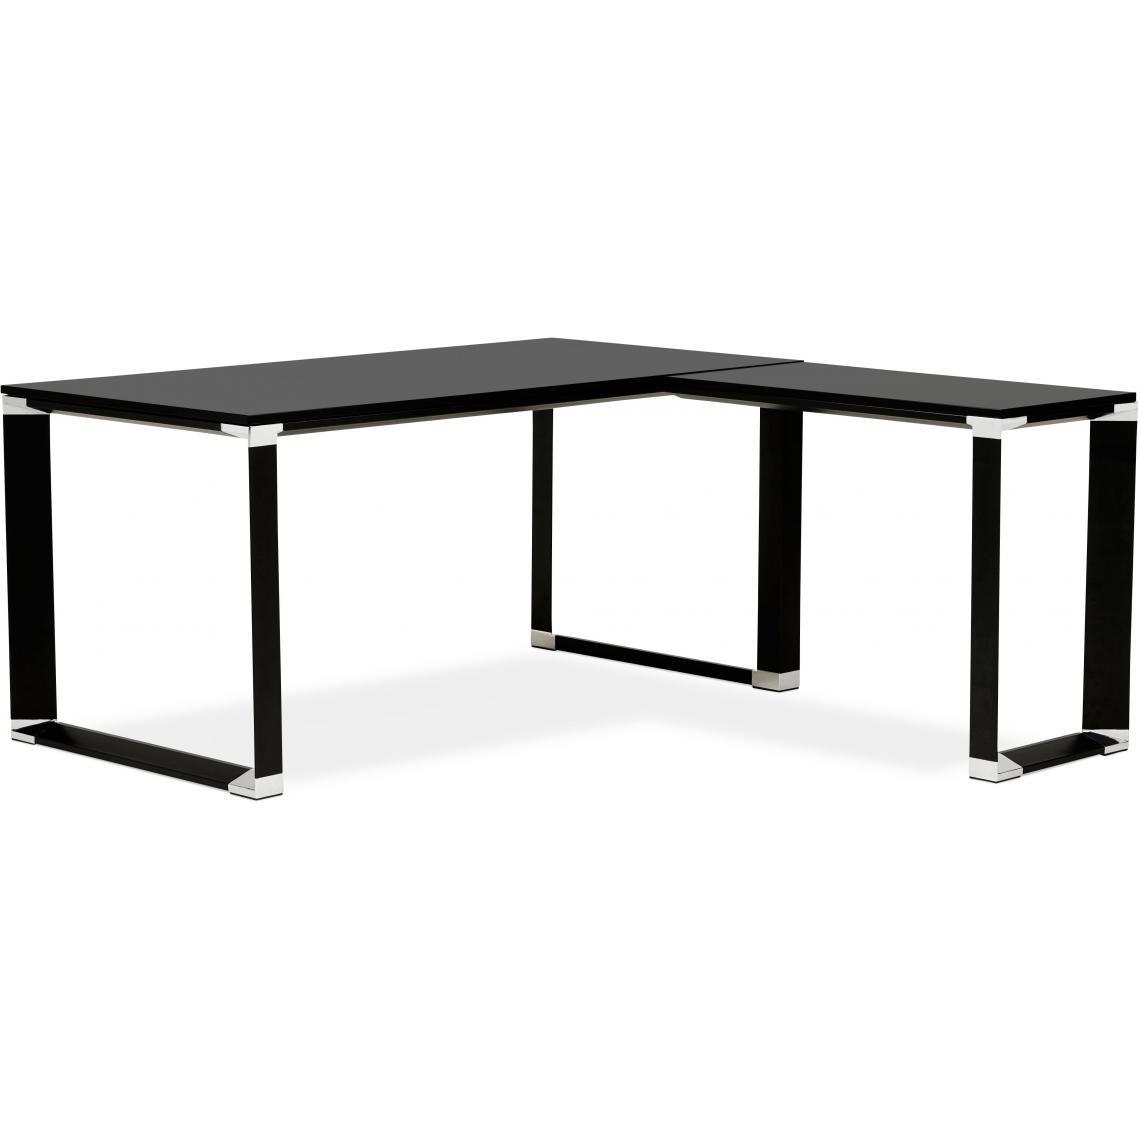 bureau d'angle noir 160x170x74 cm ricco  3 suisses